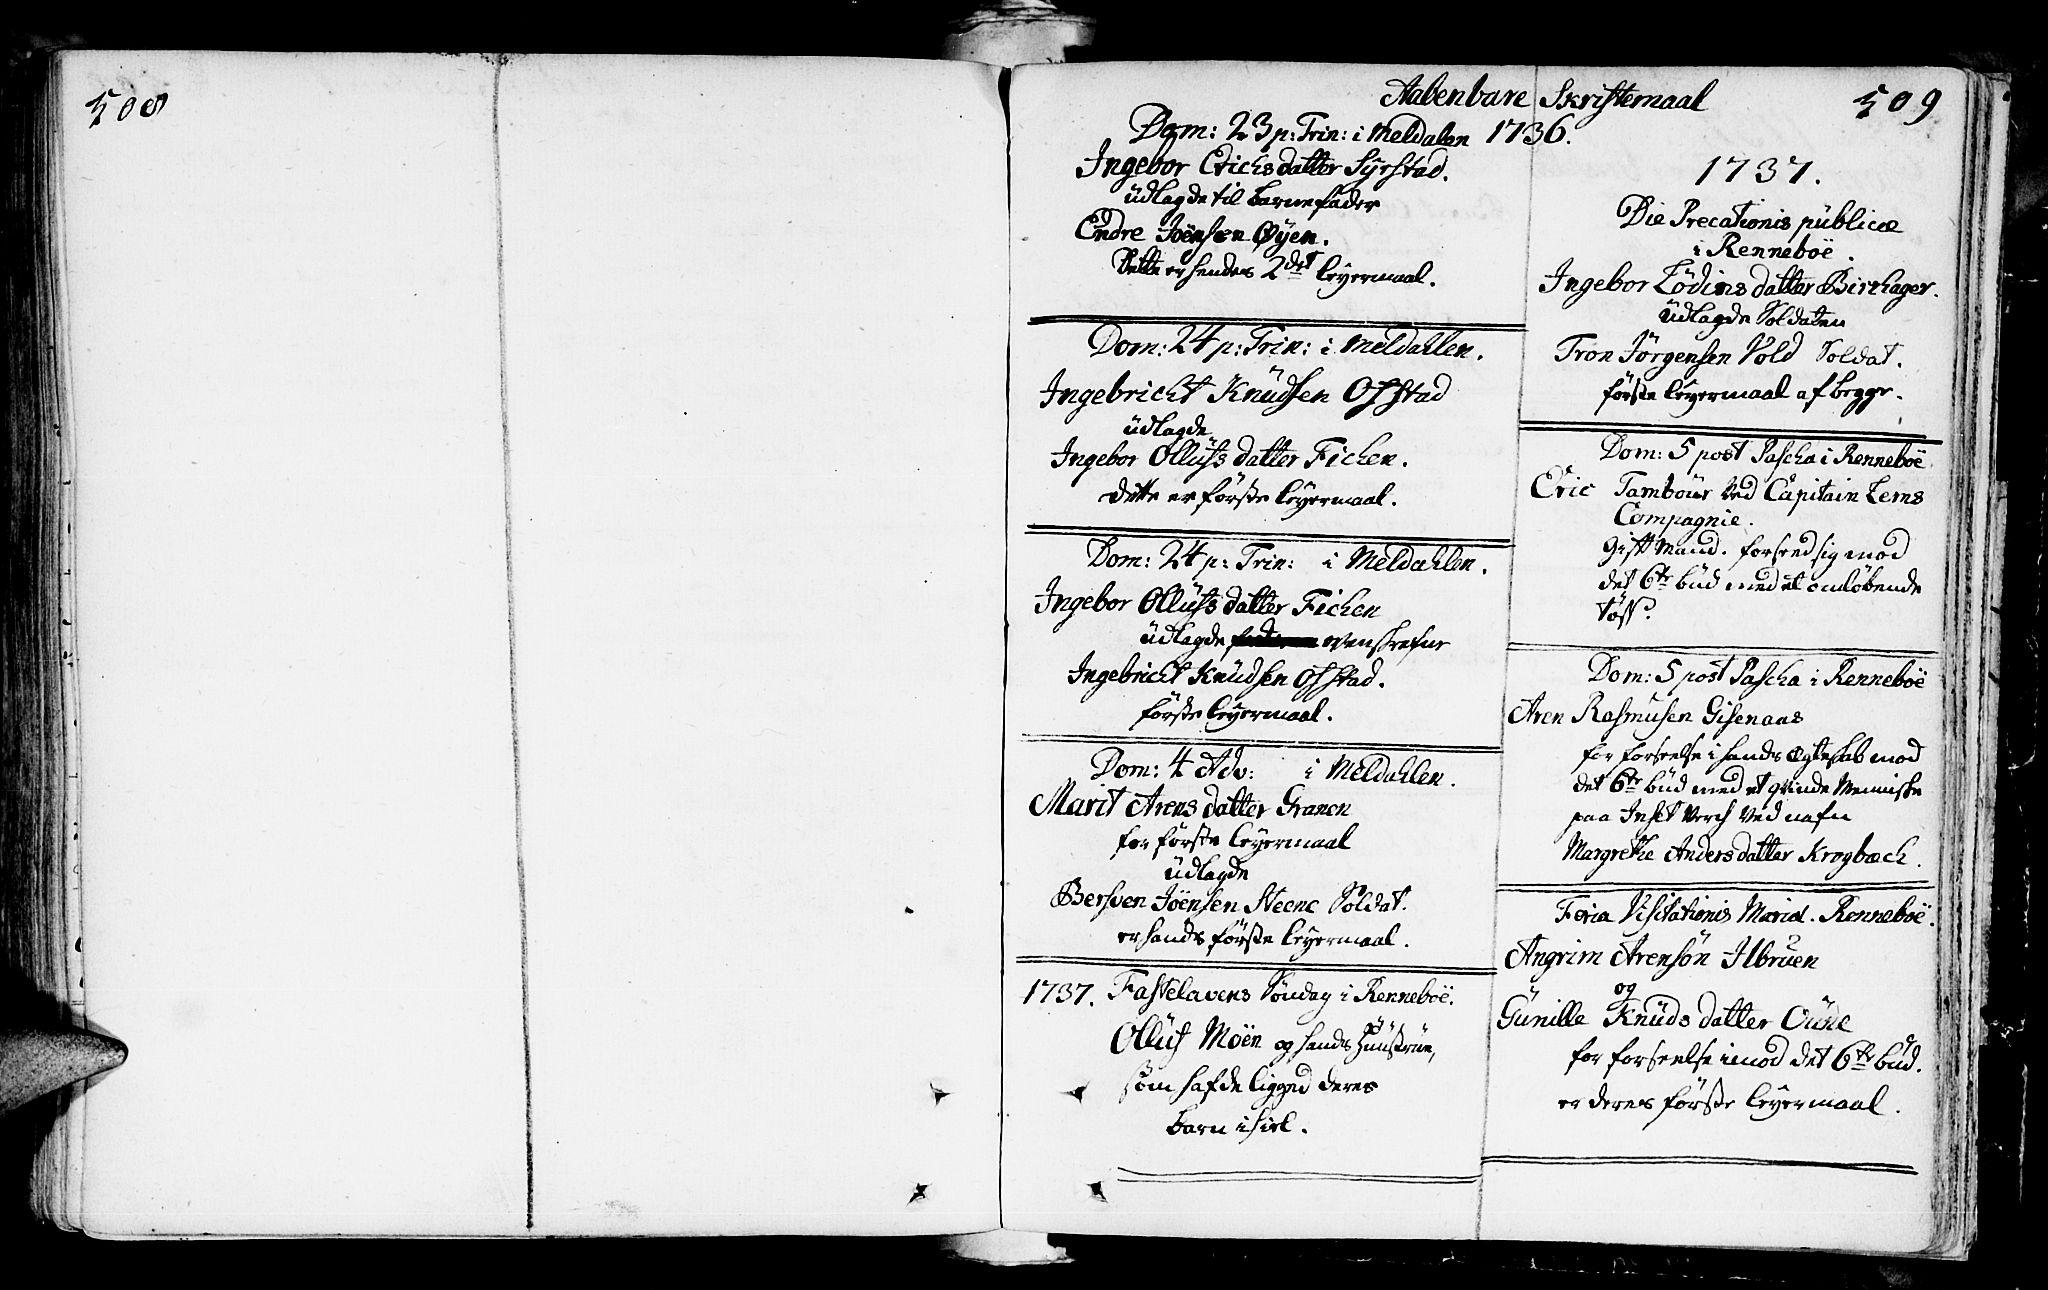 SAT, Ministerialprotokoller, klokkerbøker og fødselsregistre - Sør-Trøndelag, 672/L0850: Ministerialbok nr. 672A03, 1725-1751, s. 508-509